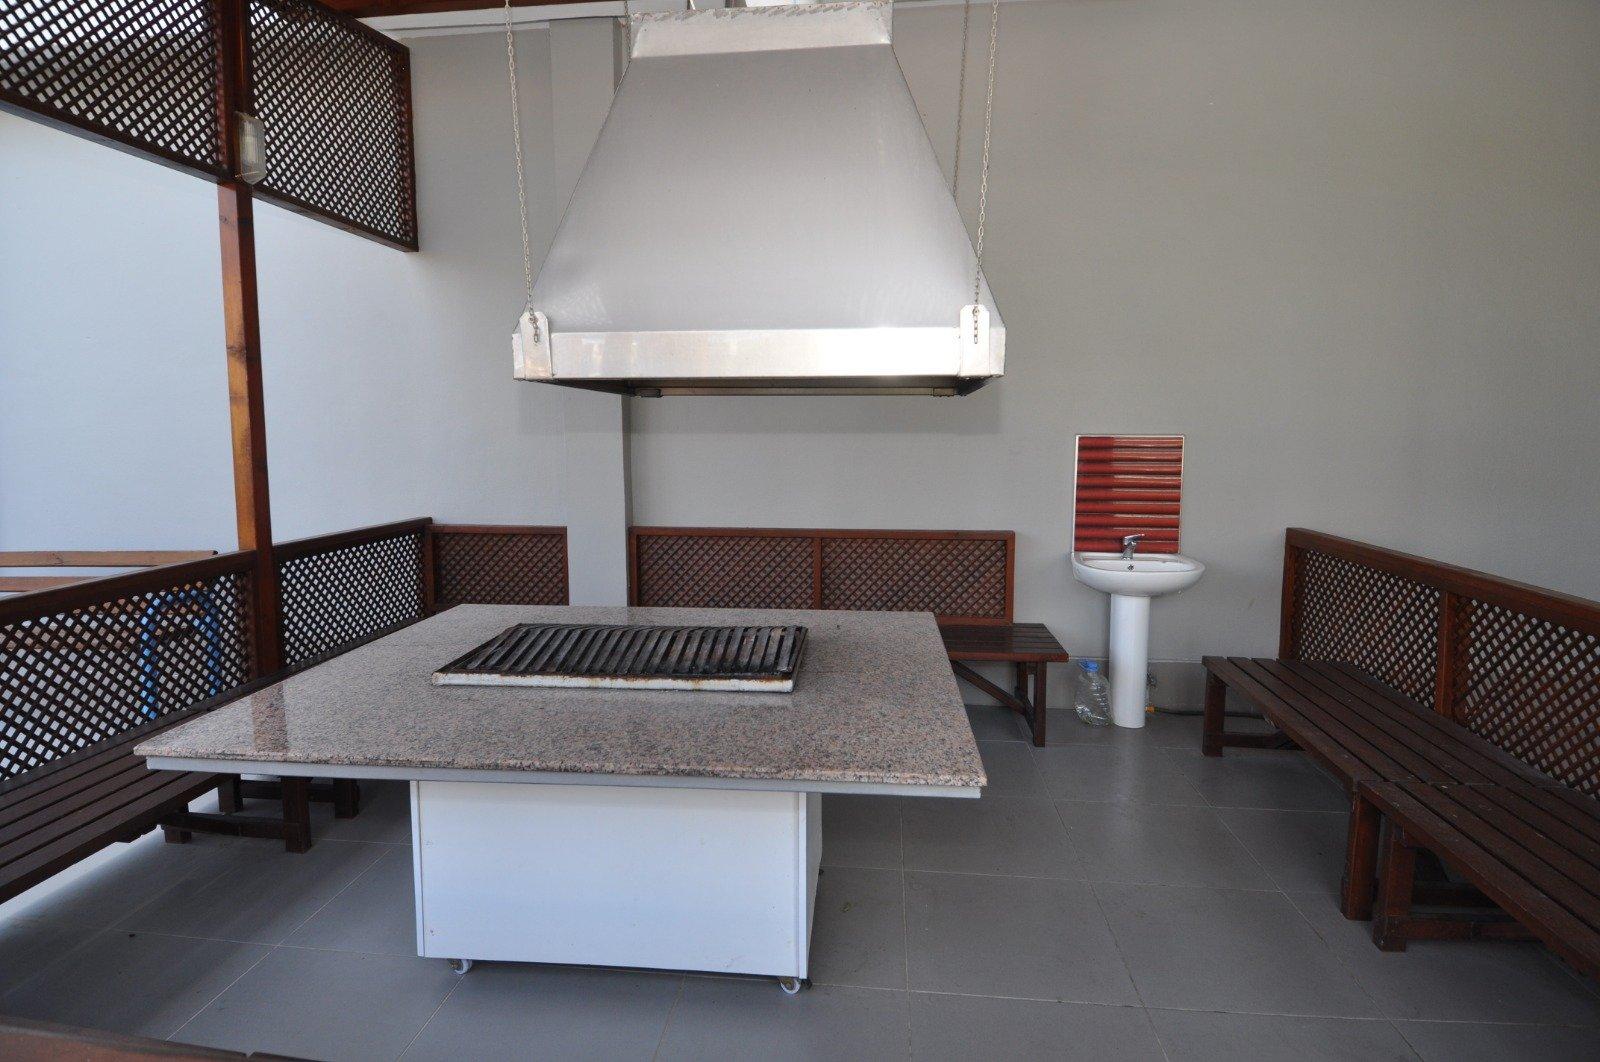 Алания Кестель Пентхаус 2+1 в резиденции класса люкс